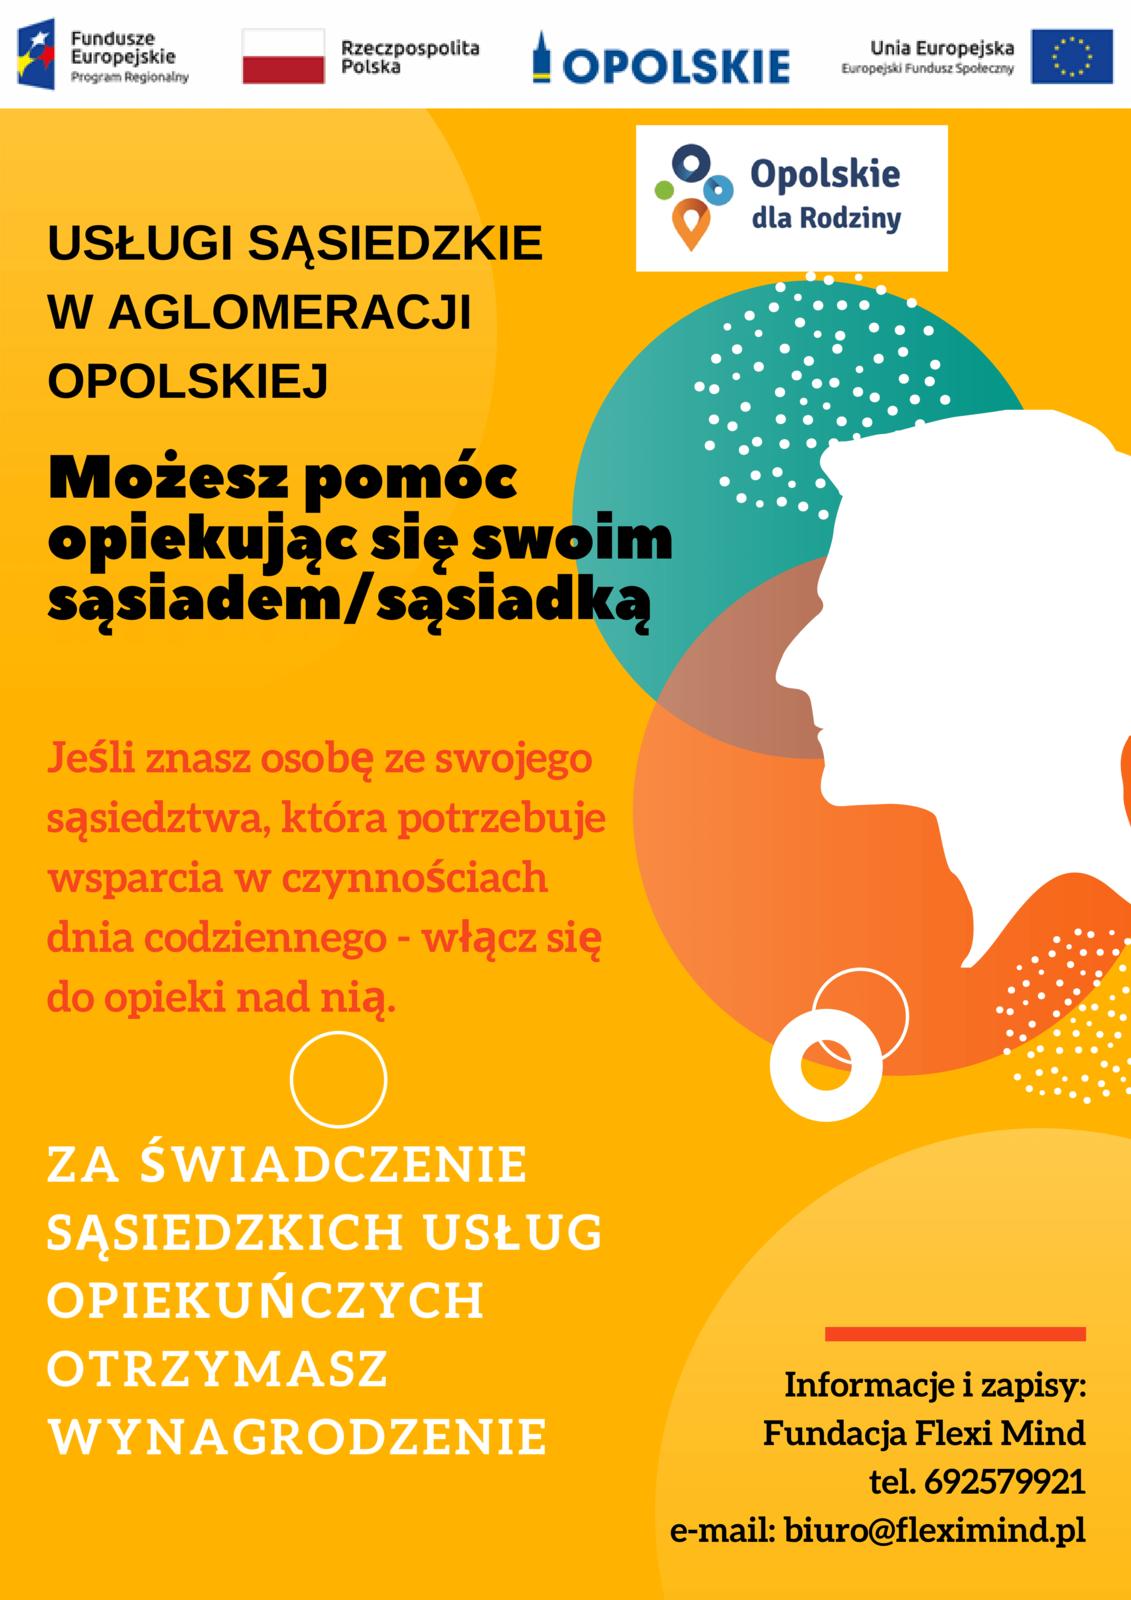 Plakat zawierający informacje na temat projektu. Treść plakatu zgodna z informacją poniżej